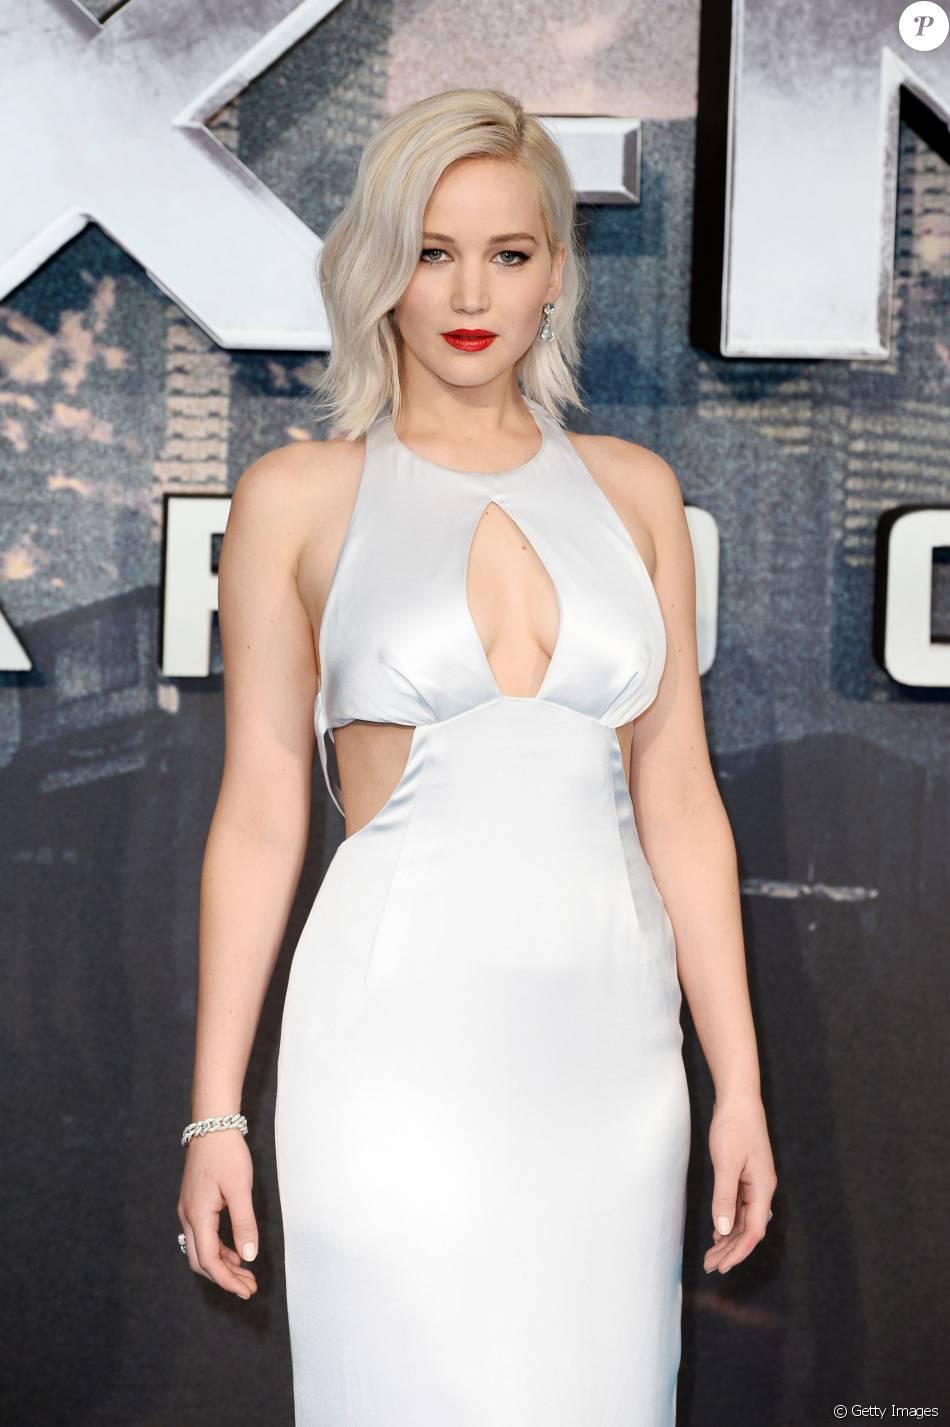 Jennifer Lawrence usa vestido Dior em première do filme 'X-Men: Apocalipse' em Londres, nesta segunda-feira, 9 de maio de 2016